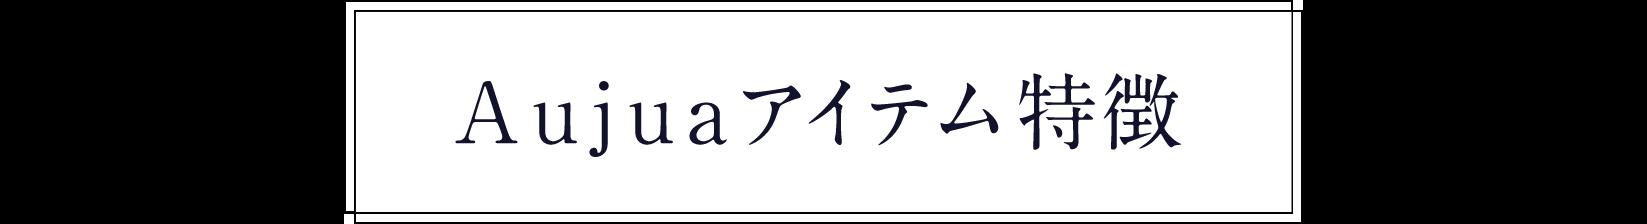 Aujuaアイテム特徴